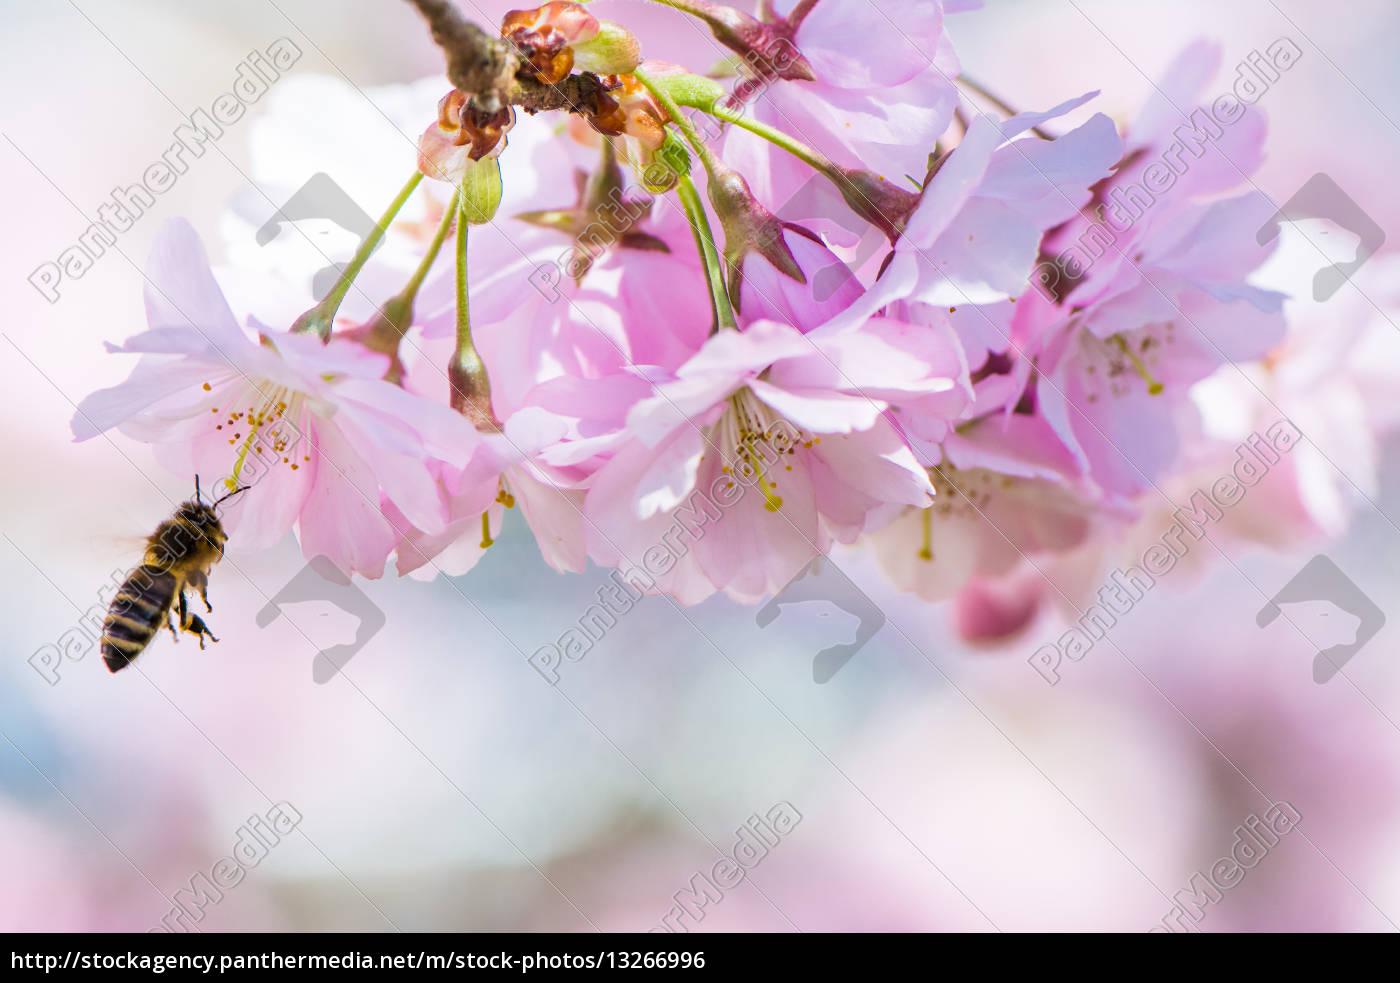 fliegen, biene, und, rosa, kirschblüten - 13266996